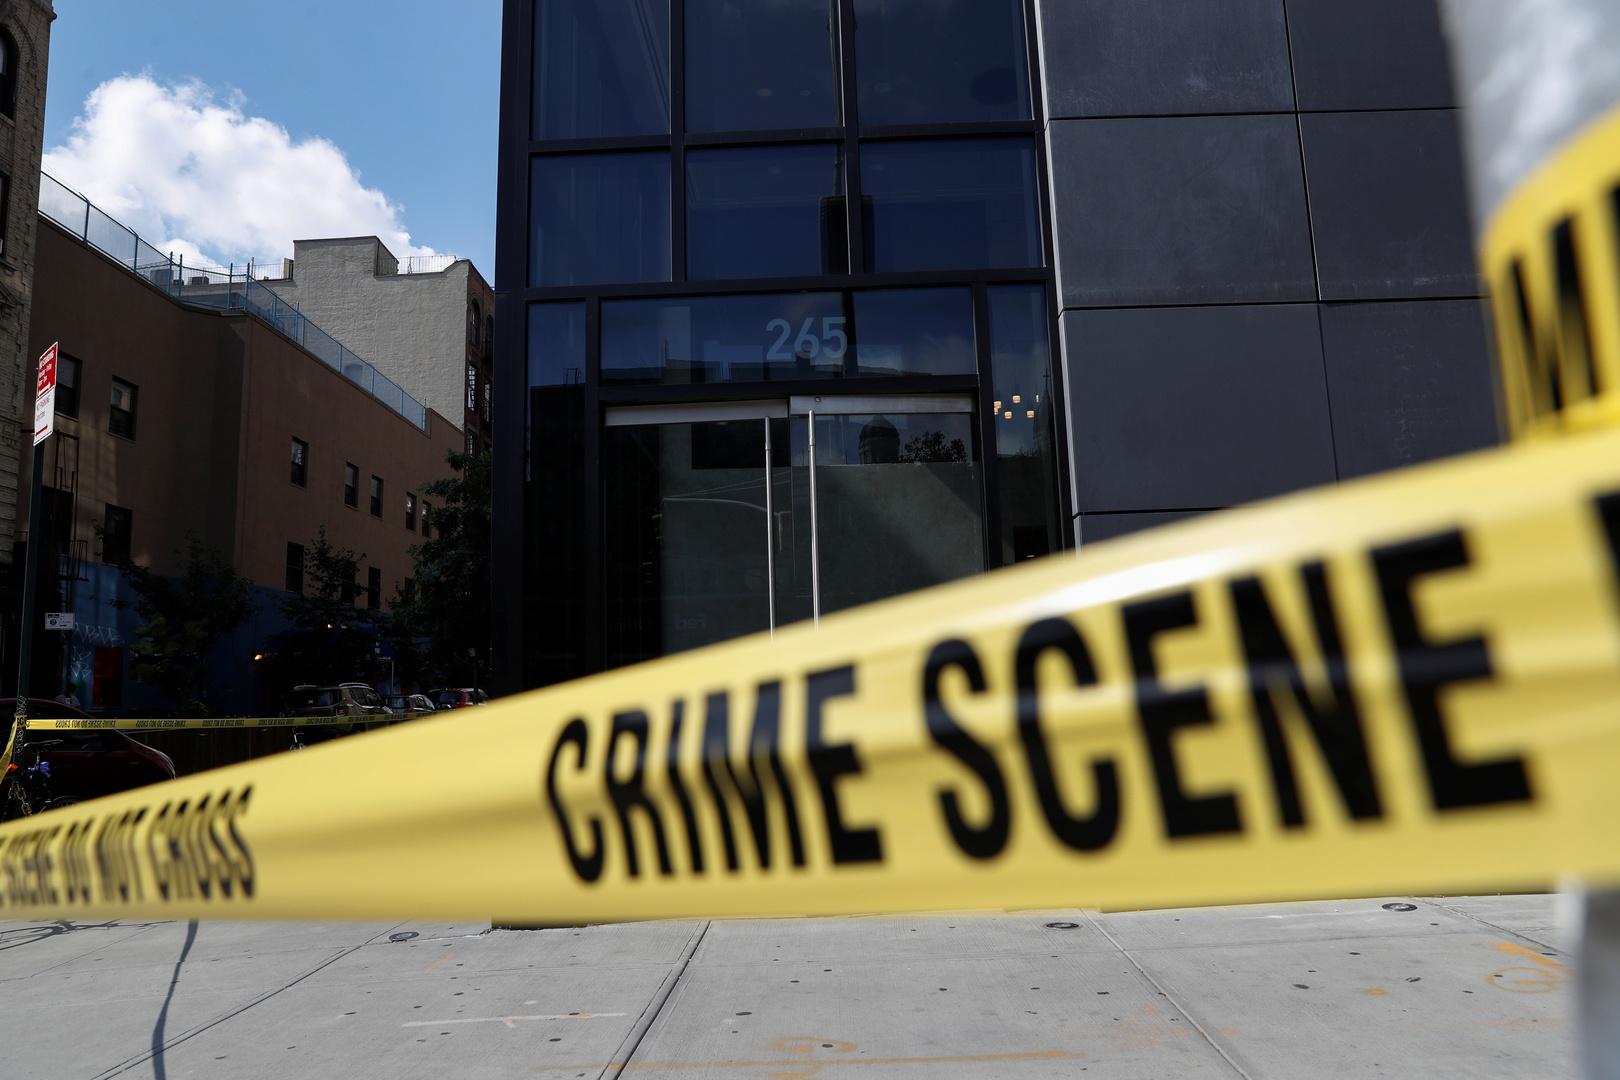 وسائل إعلام: العثور على جثة دبلوماسية أممية بنيويورك